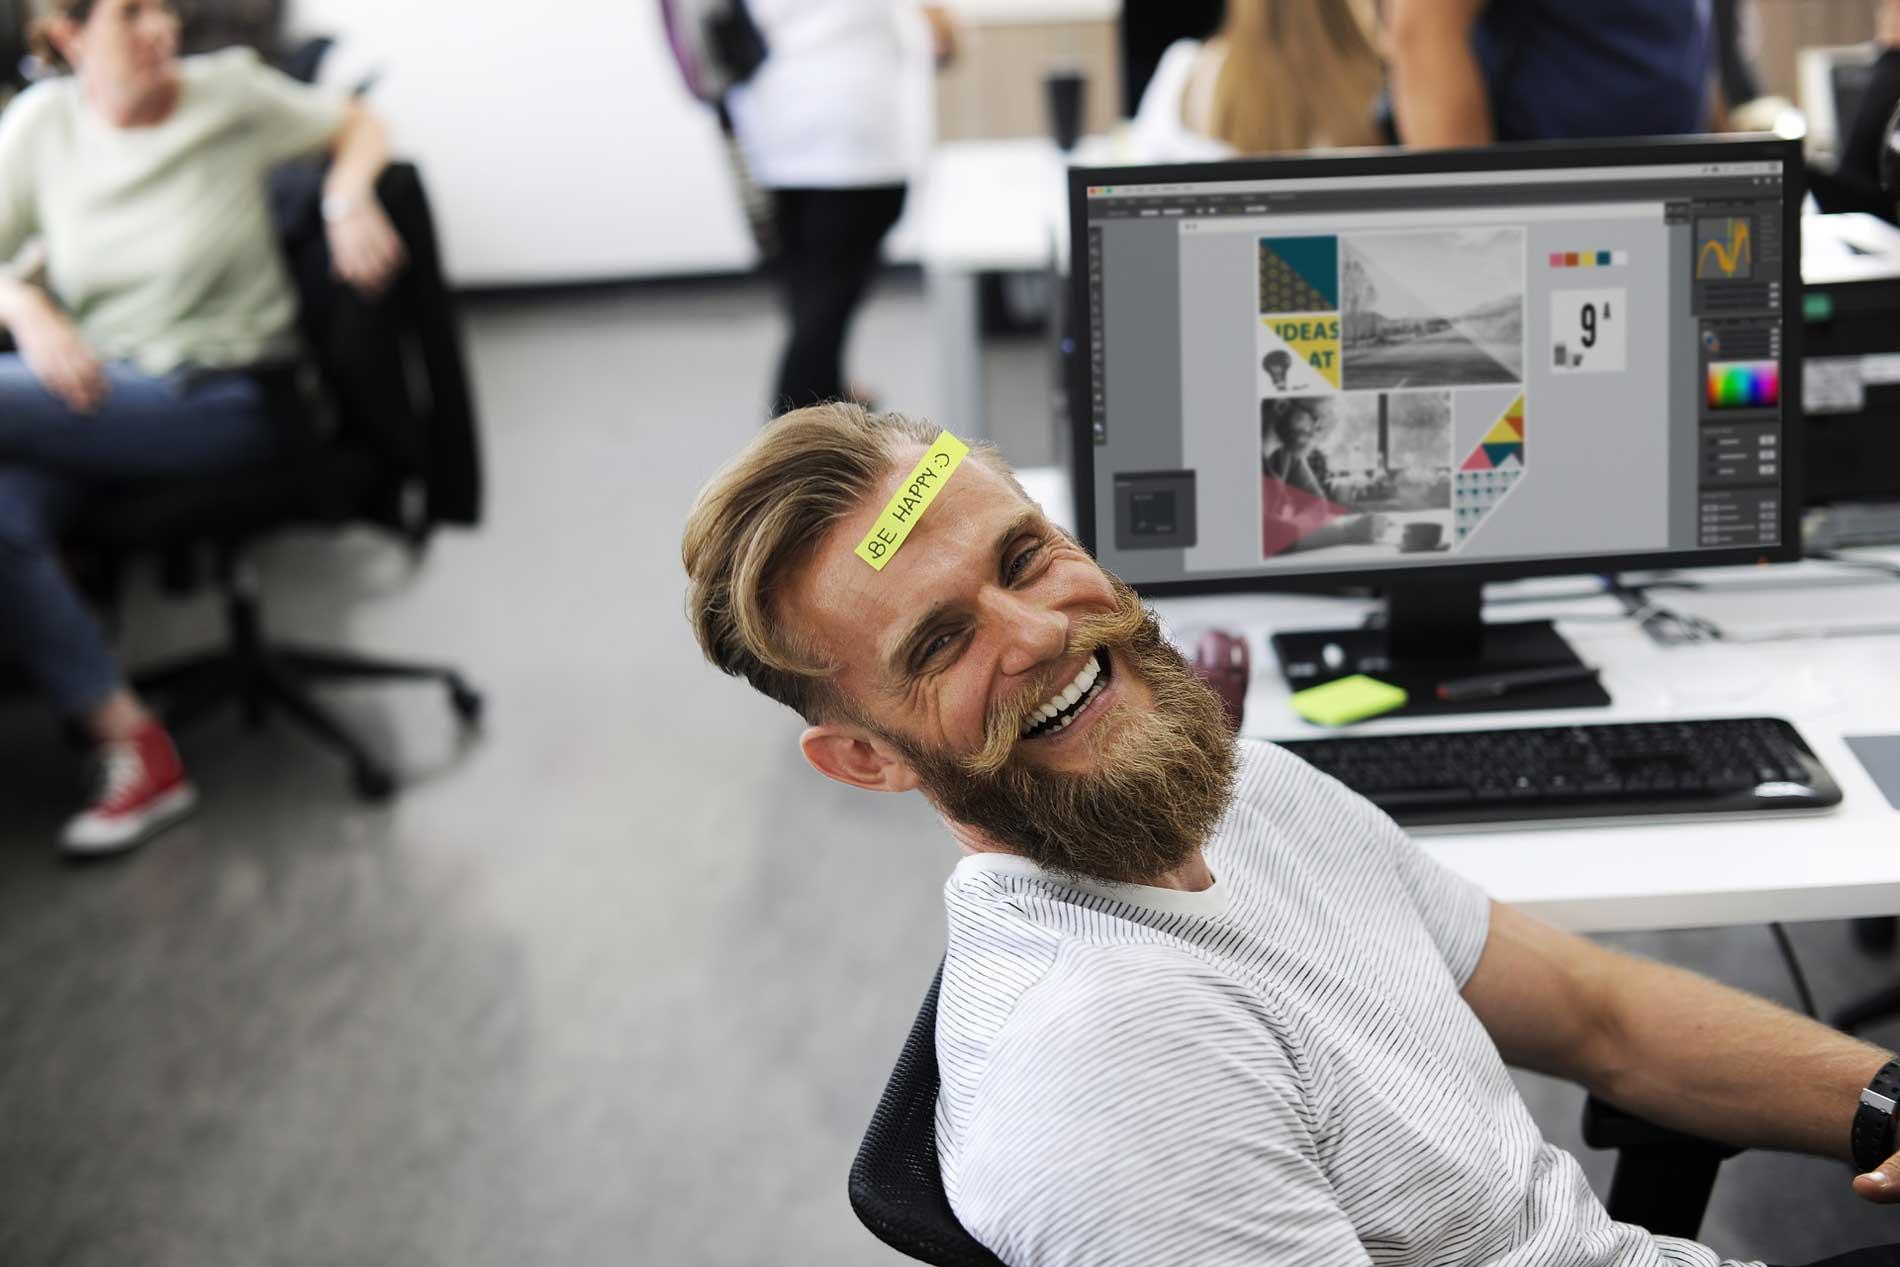 Tips om je kantoortuin in te richten